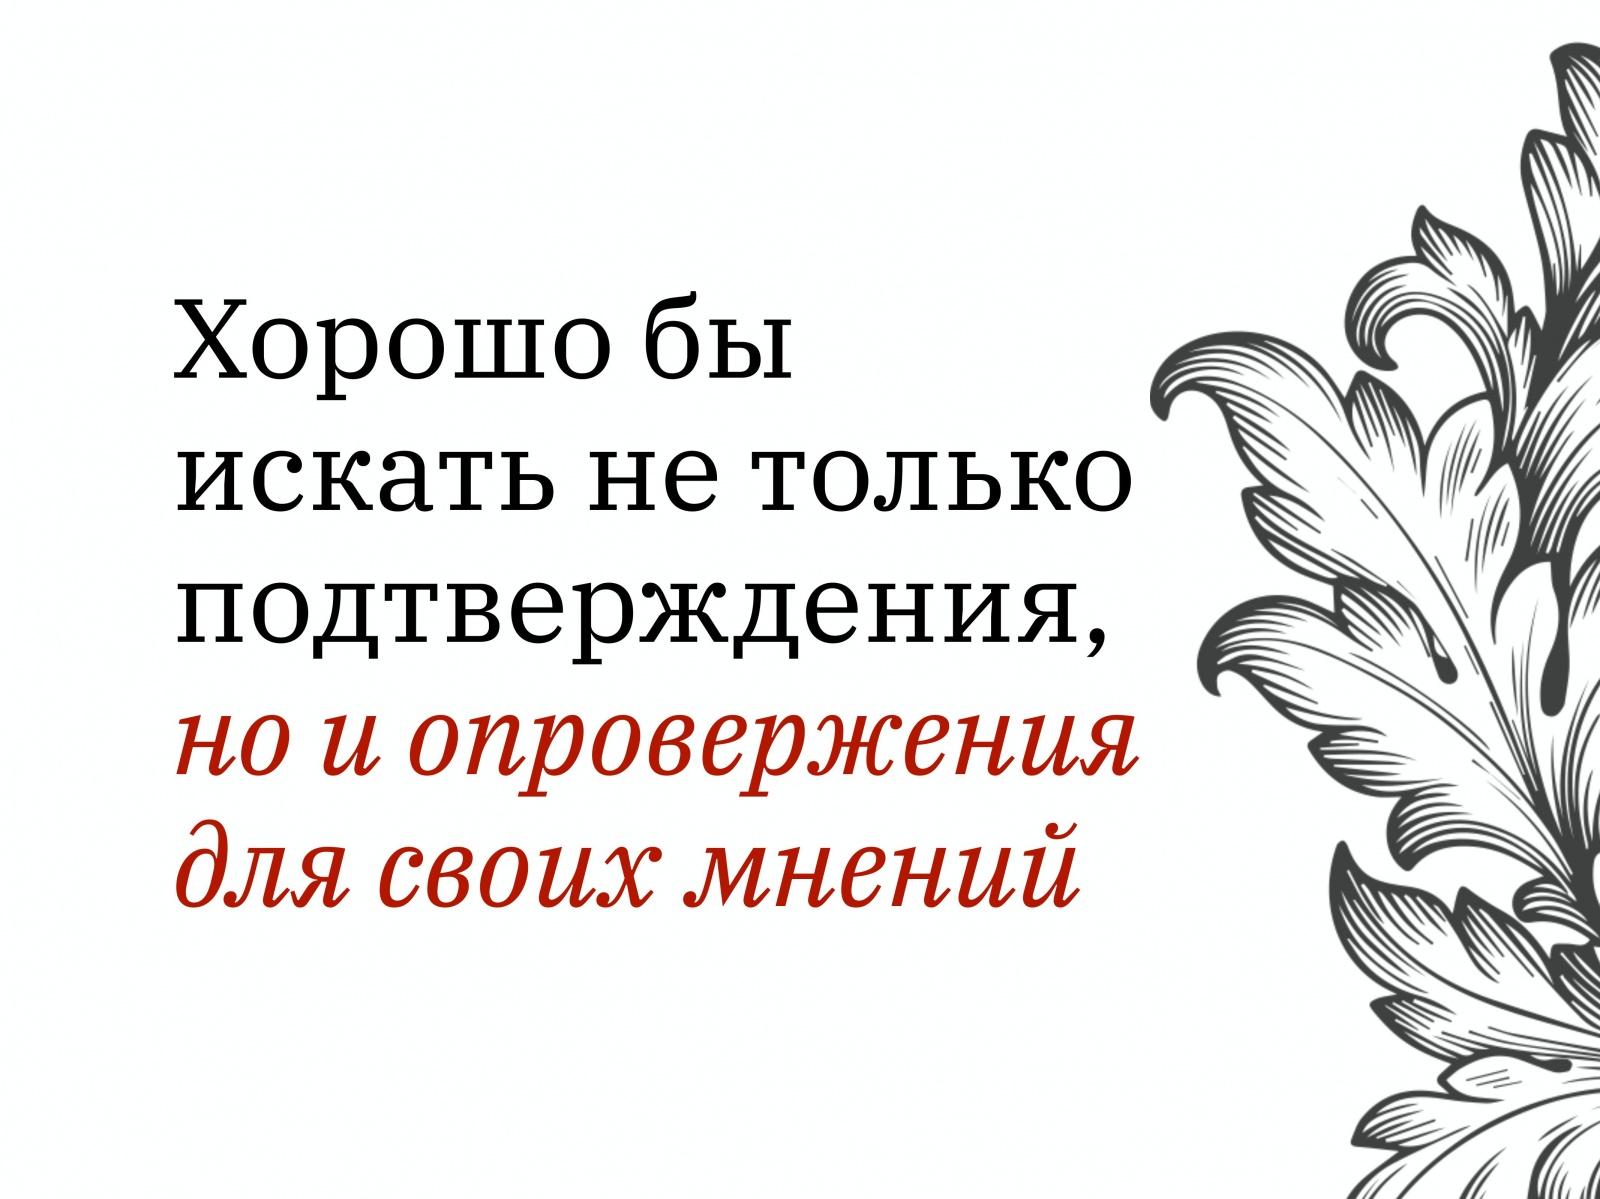 Алексей Каптерев: Критическое мышление 101 (часть 2) - 92